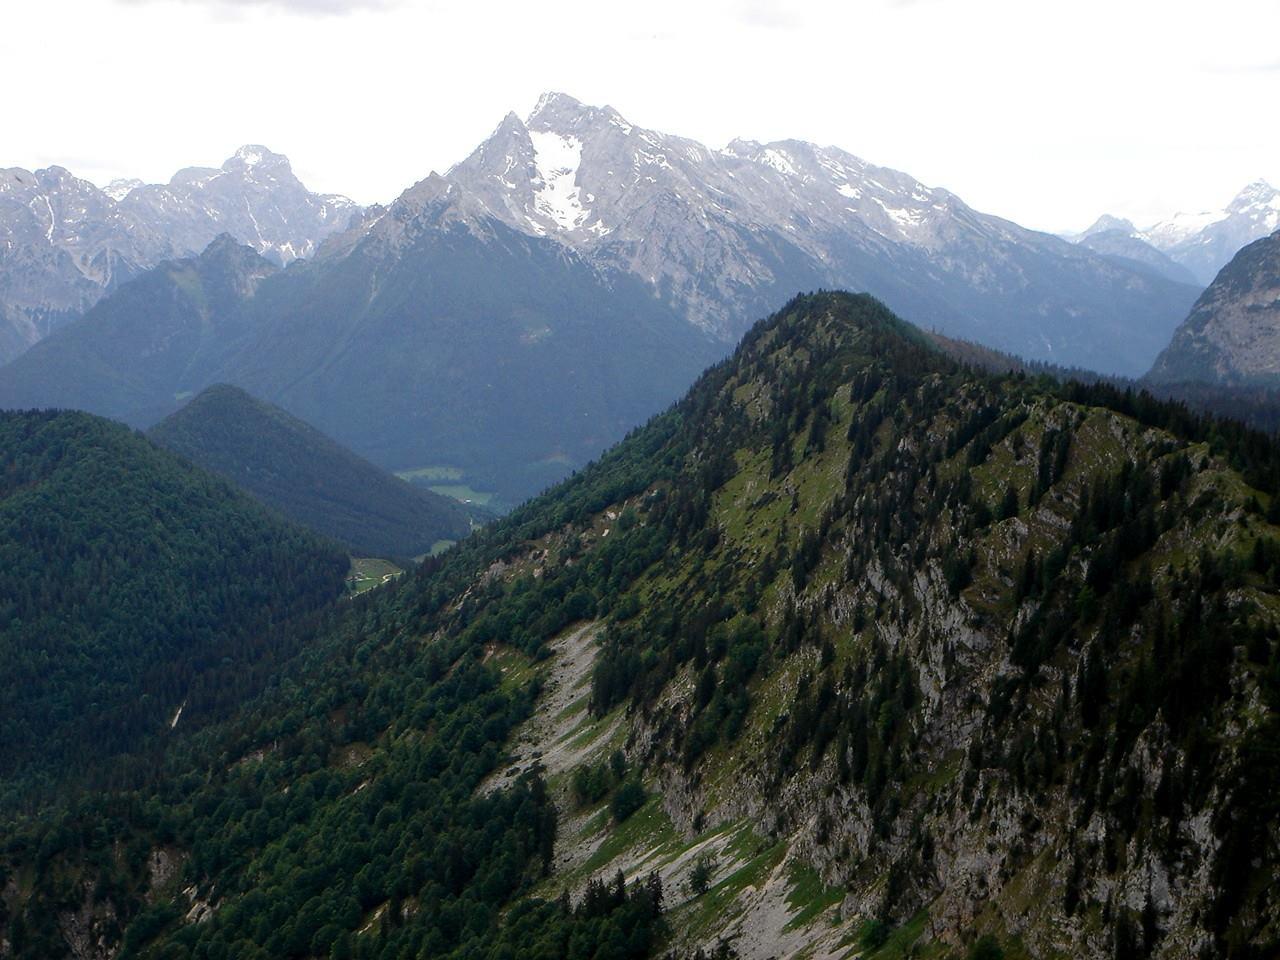 Foto: Manfred Karl / Wander Tour / Törlkopf, 1704 m / Blick zum Hundstod und Hochkalter. / 03.06.2007 20:50:07